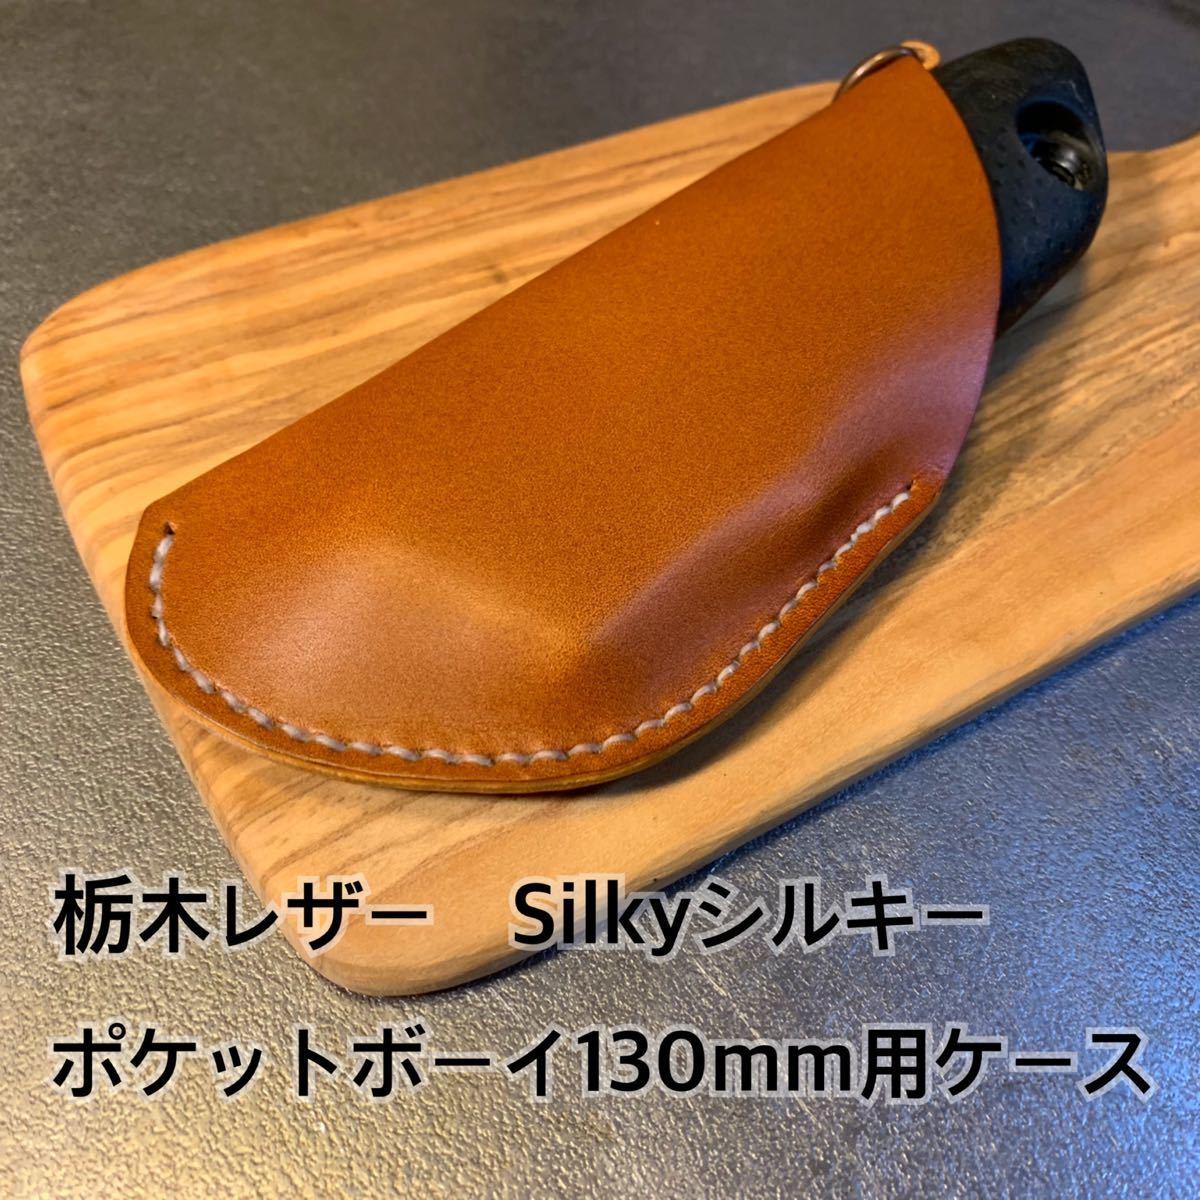 栃木レザー シルキーSilkyポケットボーイ130mm万能目用ケース ブラウン色